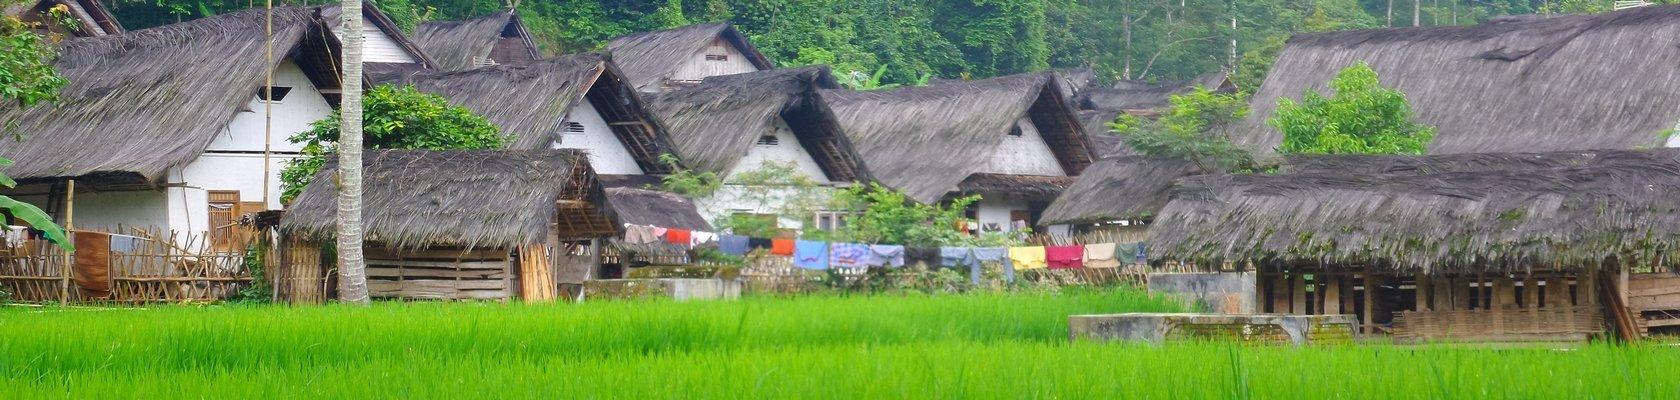 Bijzonder bezoek aan Kampung Naga